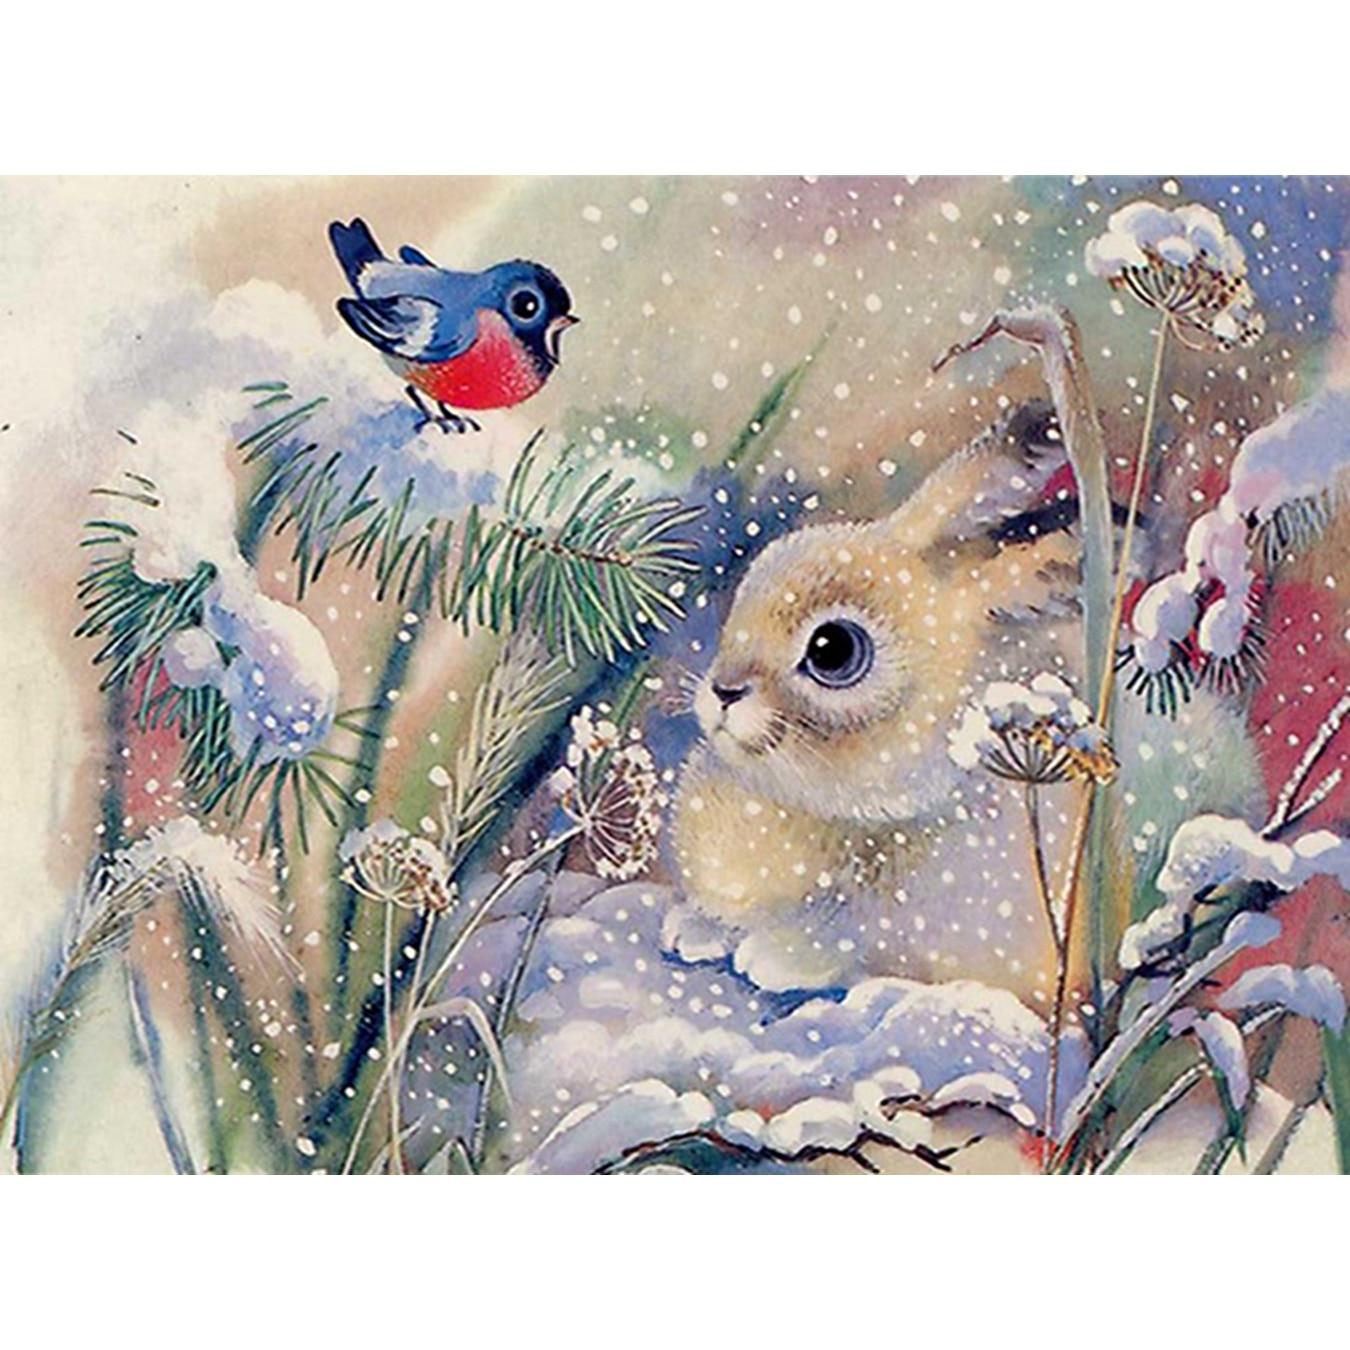 Թռչուն, ադամանդե գեղանկարչություն, - Արվեստ, արհեստ և կարի - Լուսանկար 1